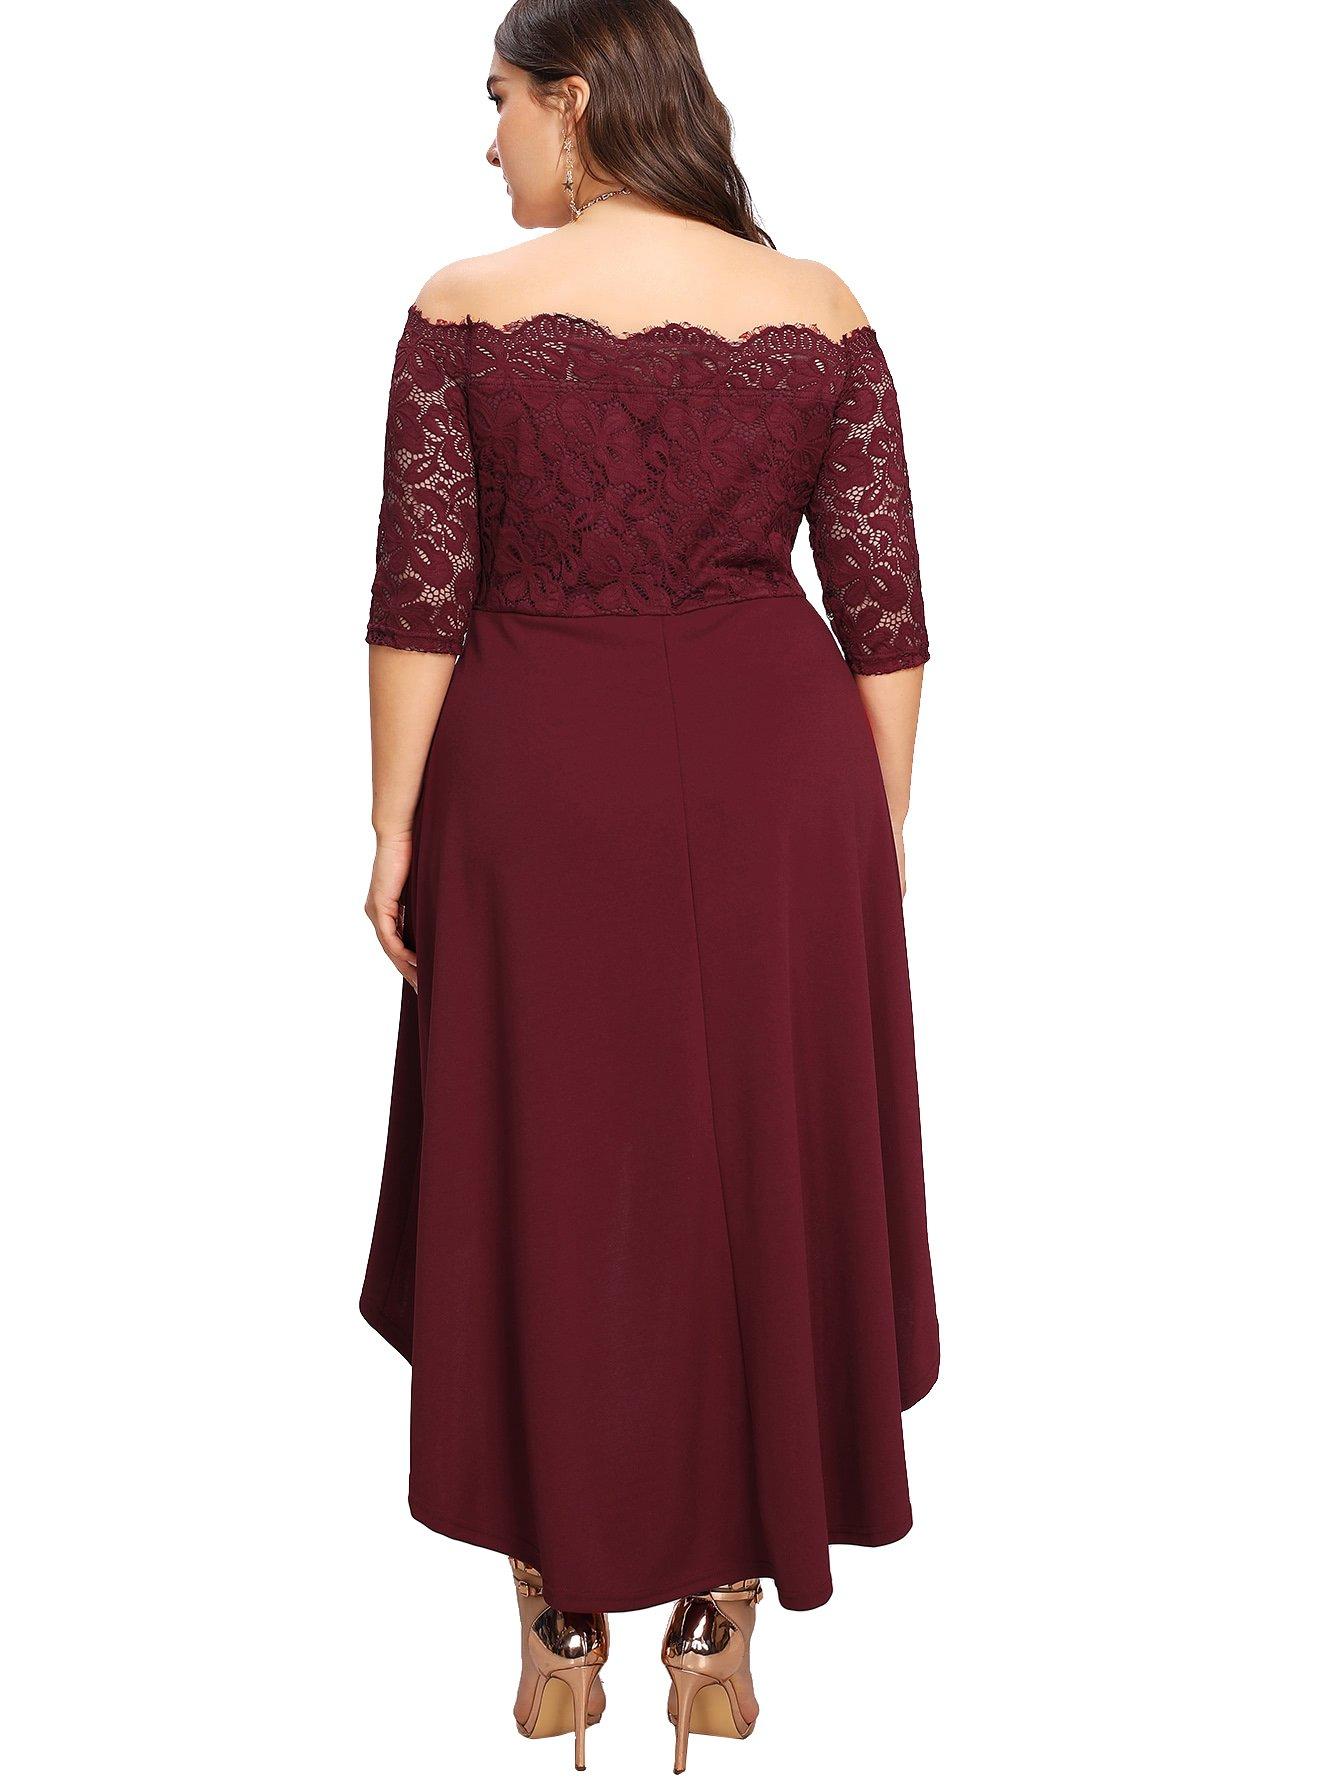 bc41d8143b35 ... Plus/Floerns Women's Plus Size Vintage Lace Dip High Low Cocktail Party  Dress Burgundy XXXXXL. ; 